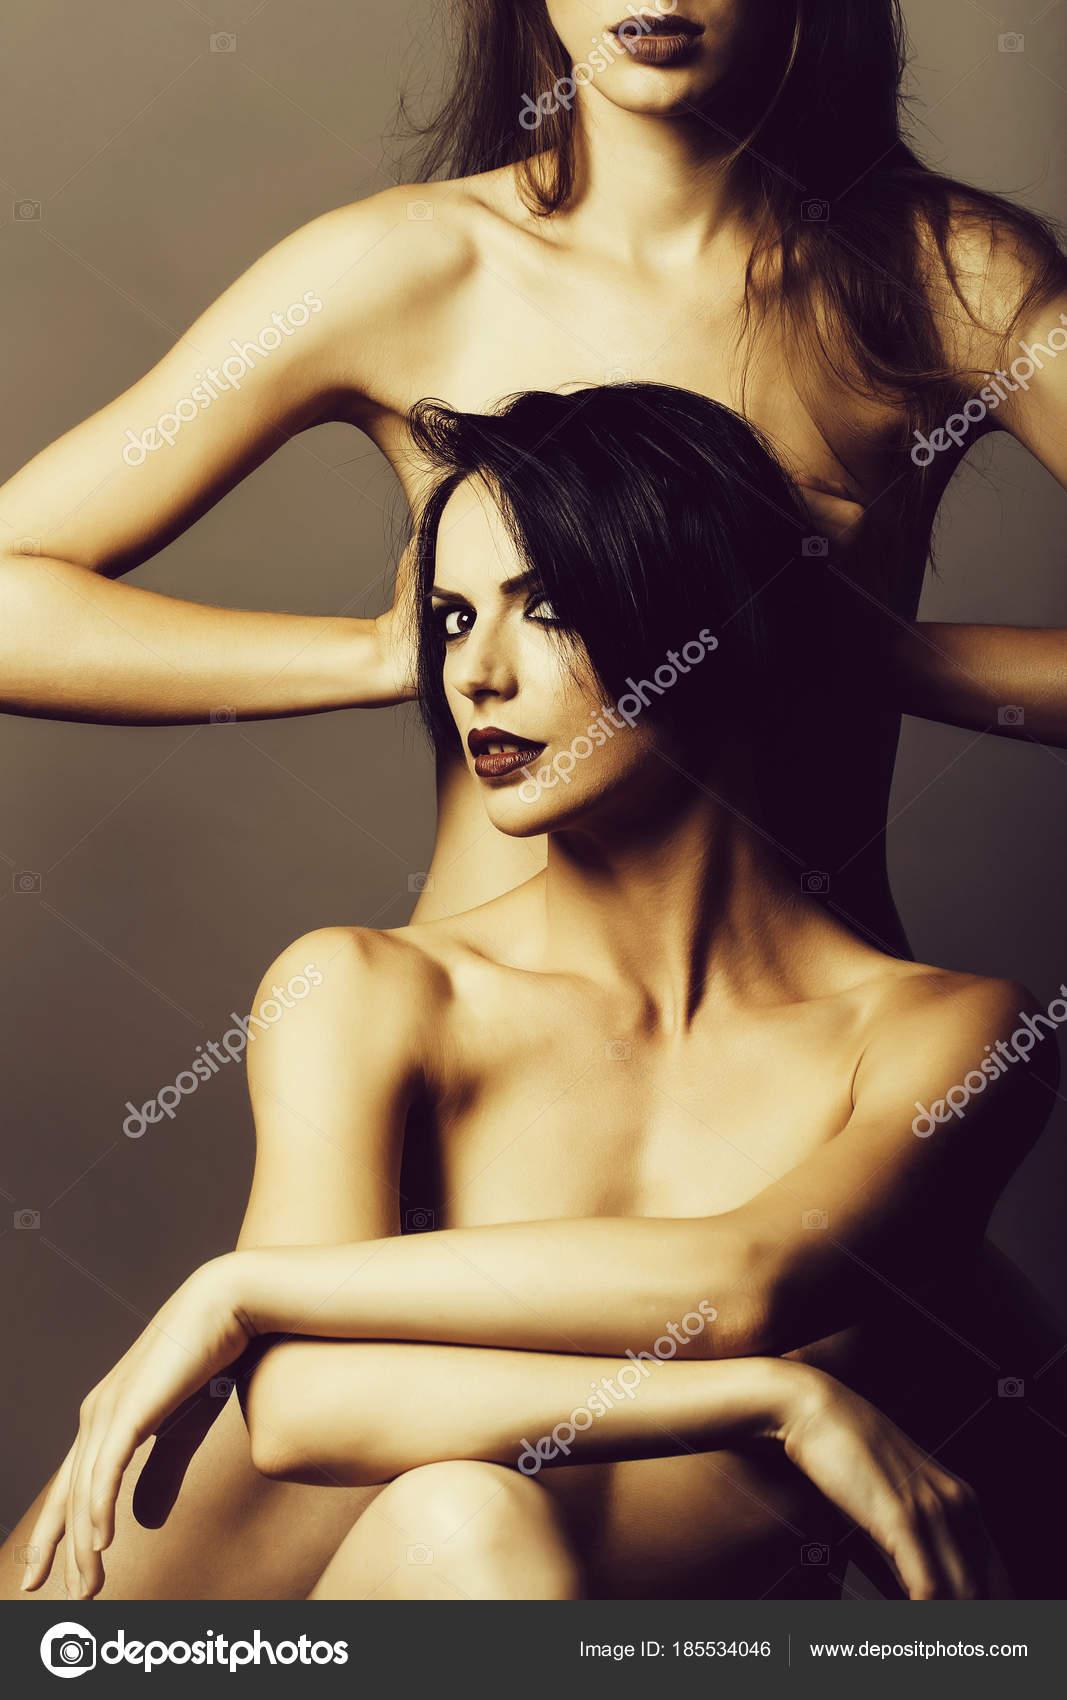 εικόνες των νεαρών γυμνό κορίτσια γερμανική γυναίκα πίπα